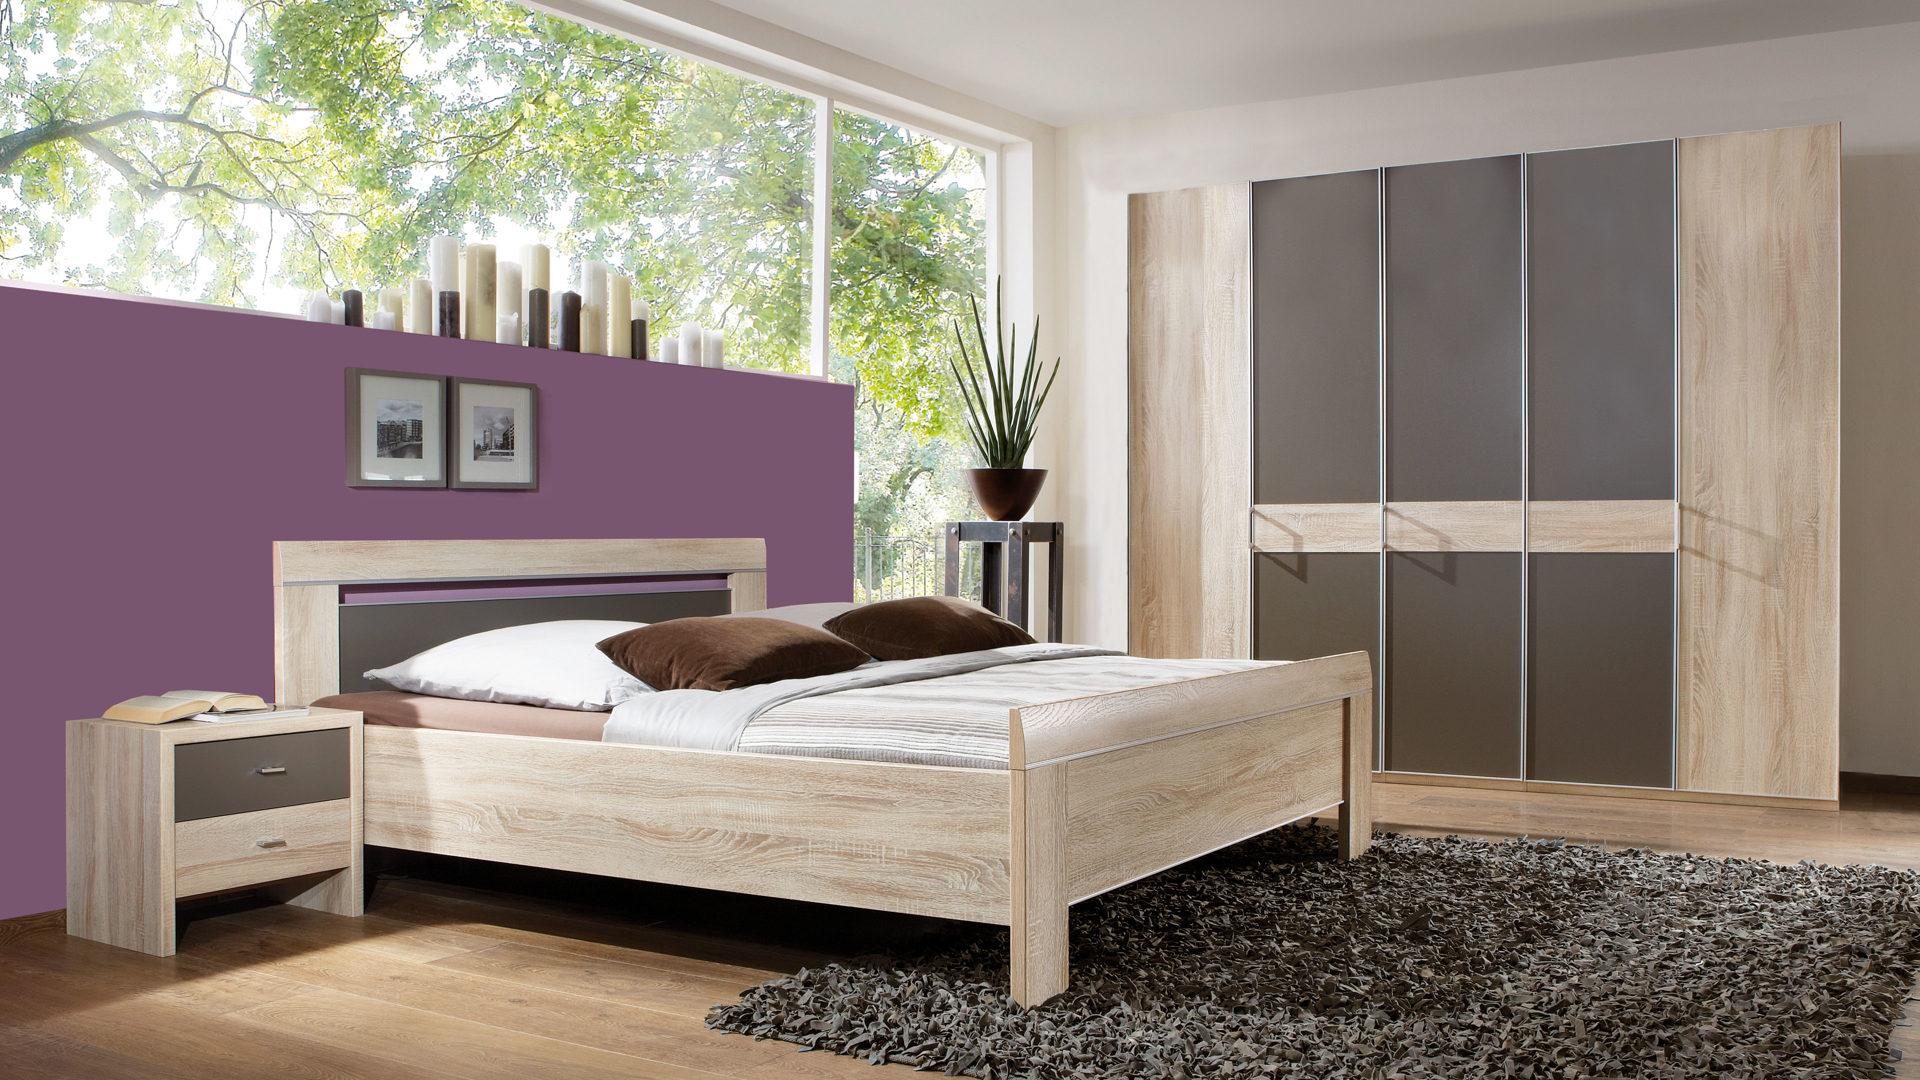 WIEMANN Schlafzimmer Donna mit Kleiderschrank, sägeraue eiche- &  havannafarbene Kunststoffoberflächen - vierteilig, Liegefläc